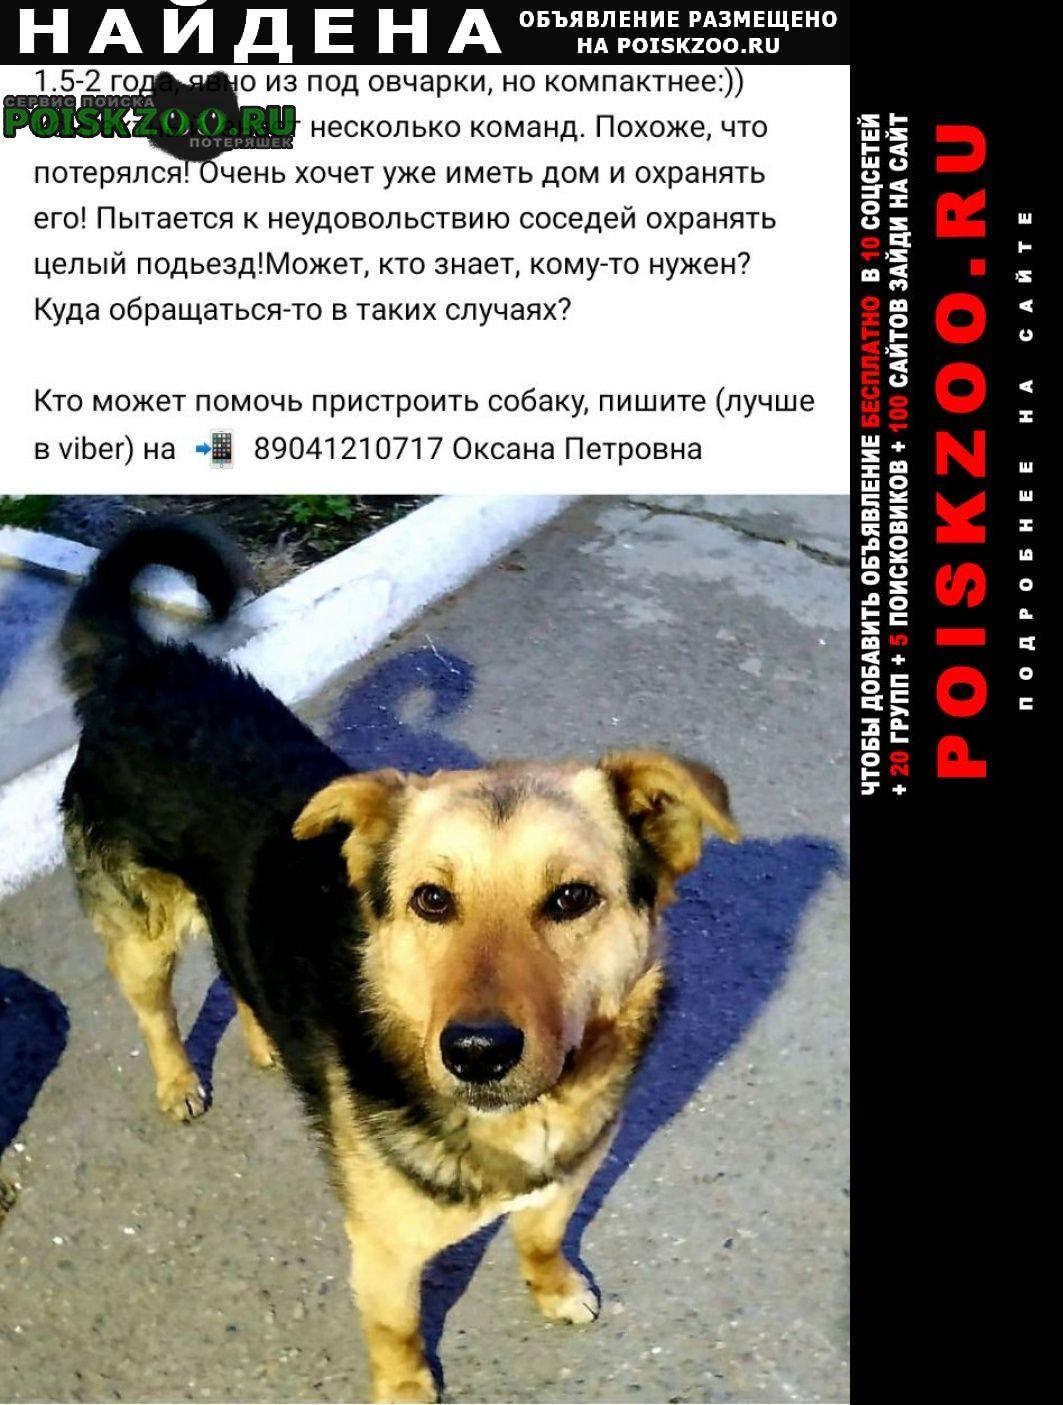 Найдена собака кобель (п. молодежный) Иркутск